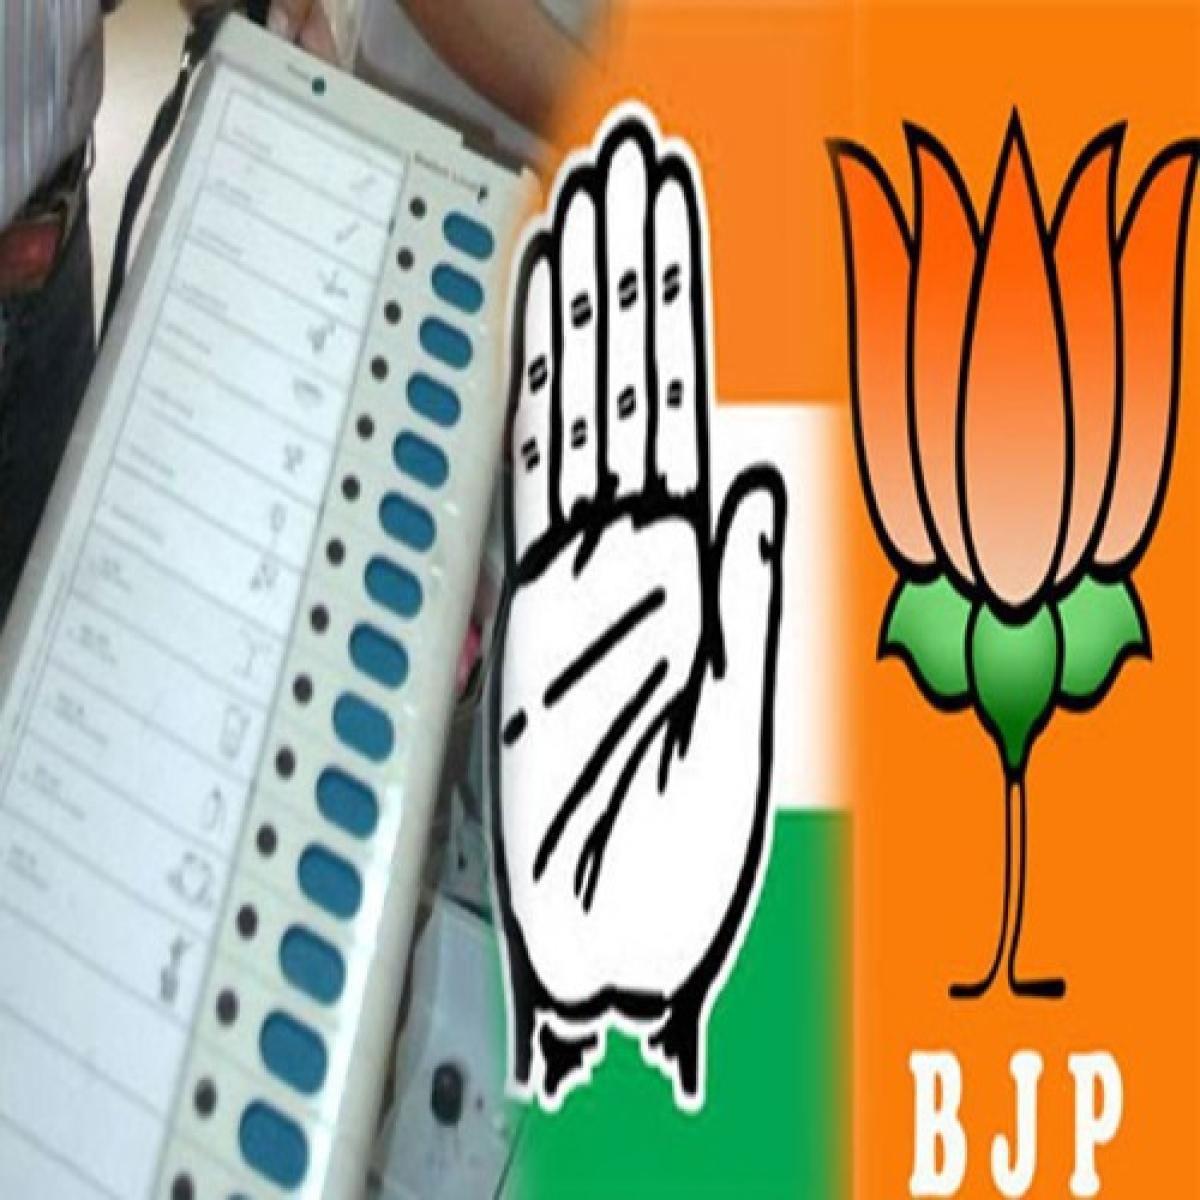 Congress - BJP